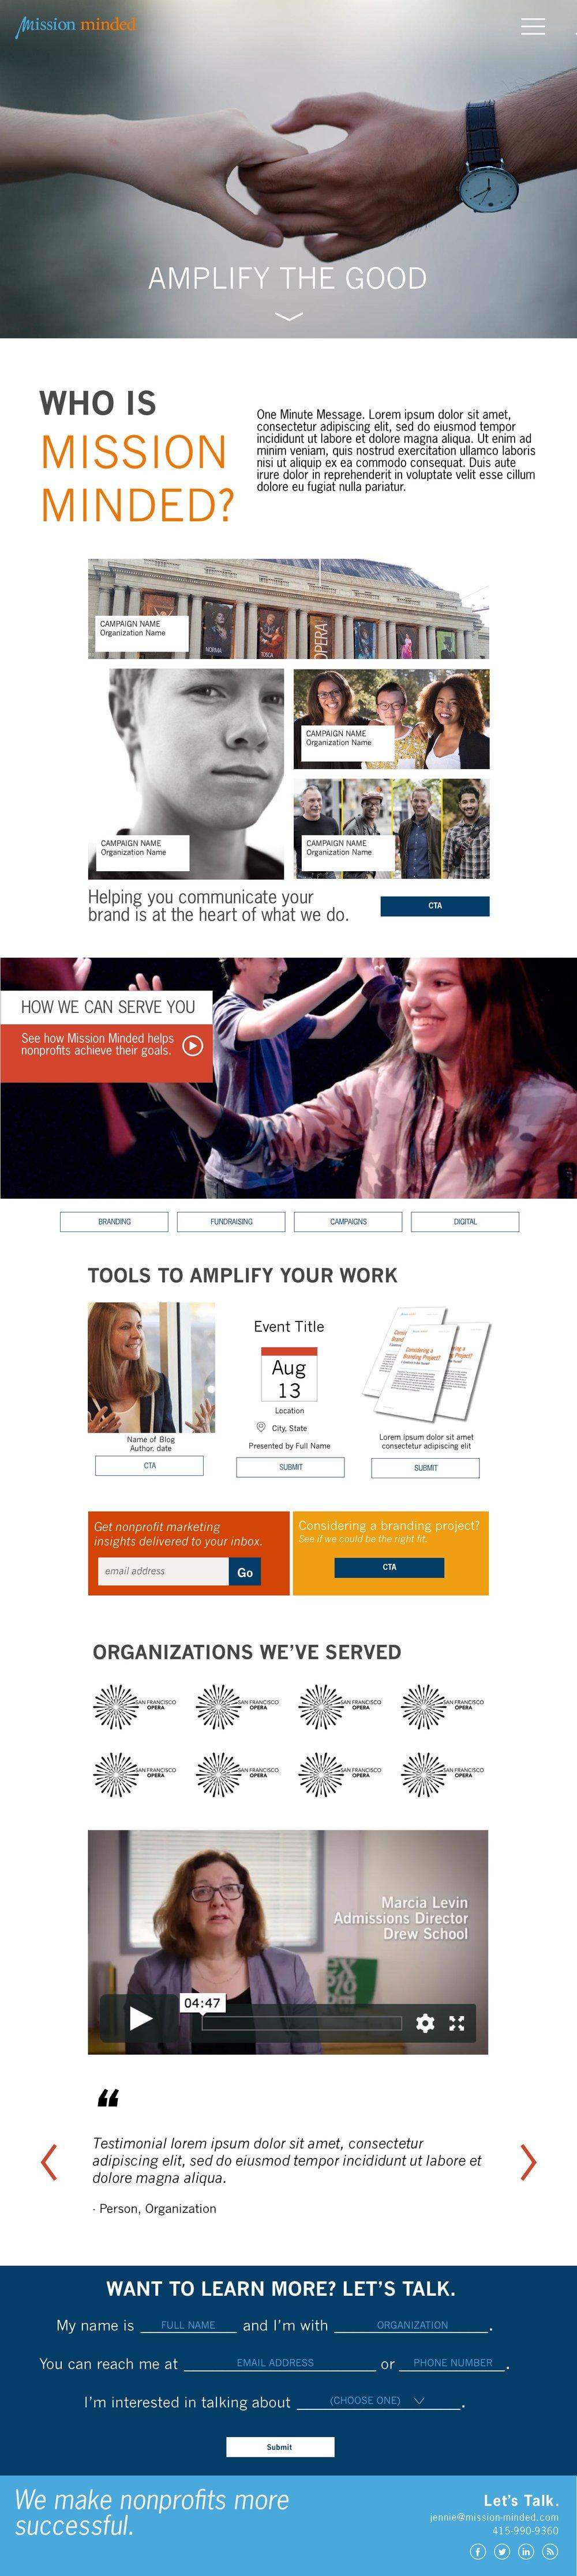 Homepage .jpg